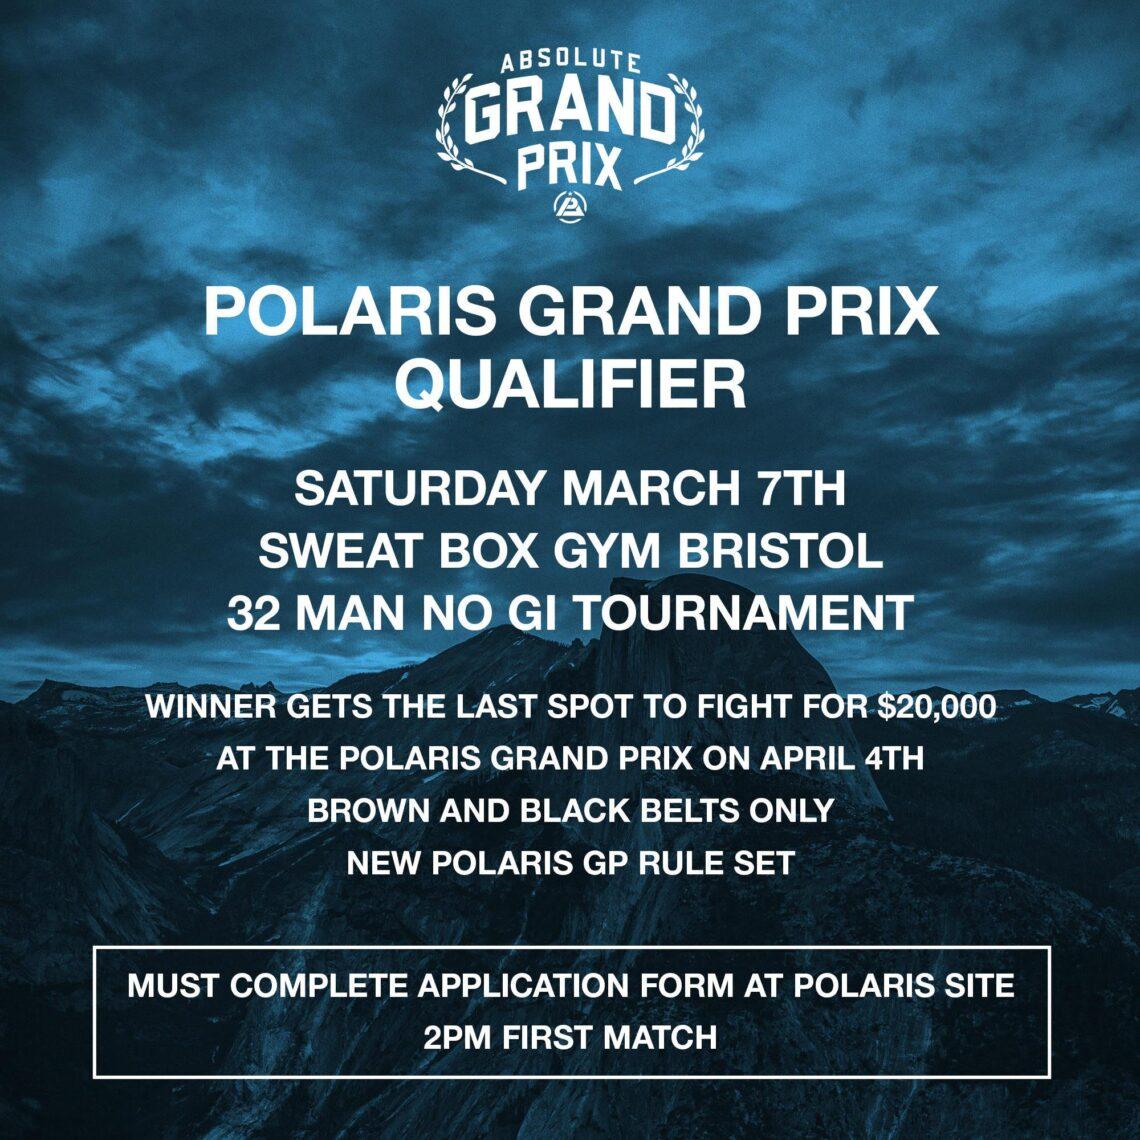 Josh deltog i Polaris Grand Prix qulifier